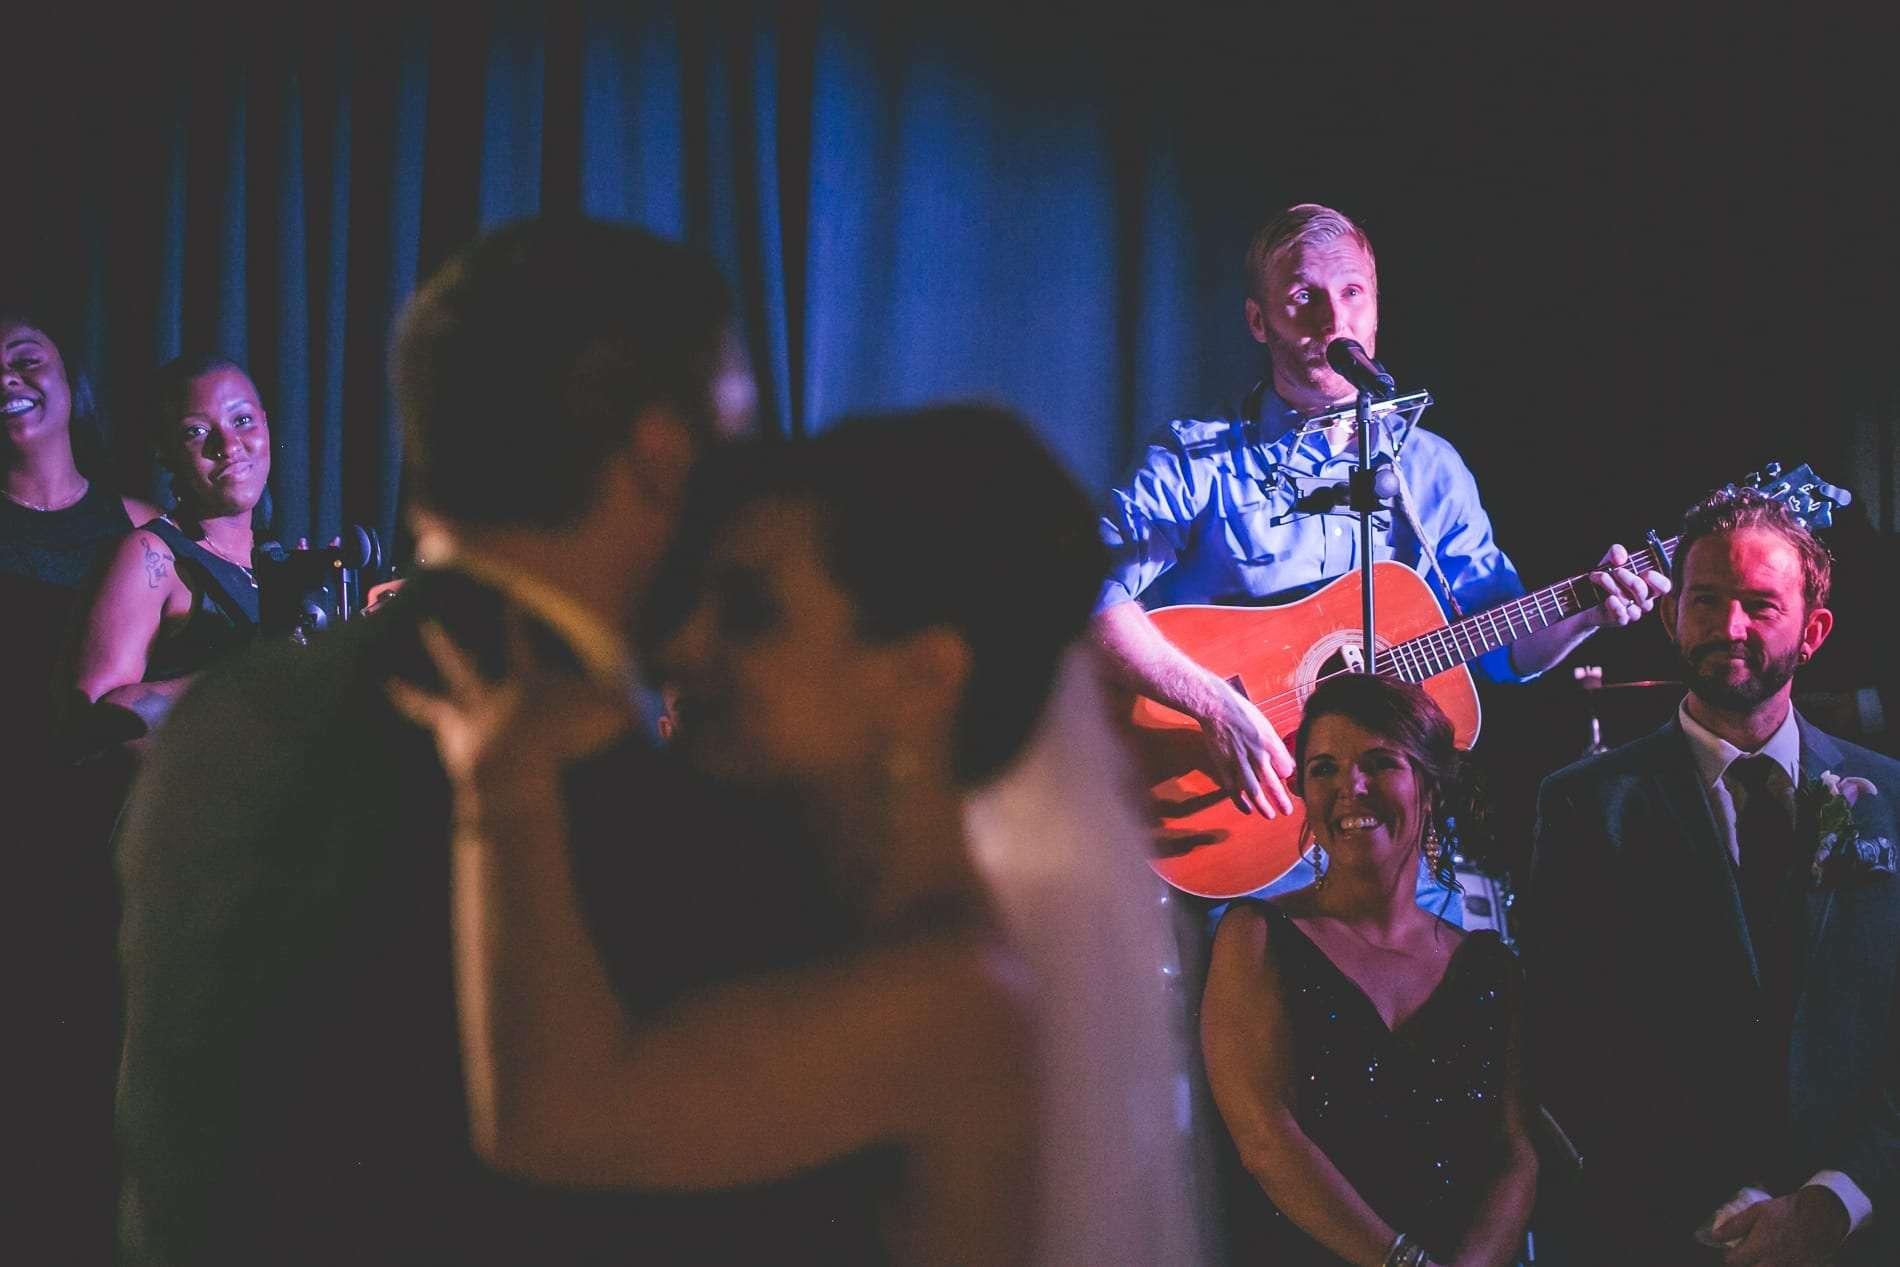 Jarrett Baker Music Live music phildelphia wedding photographer